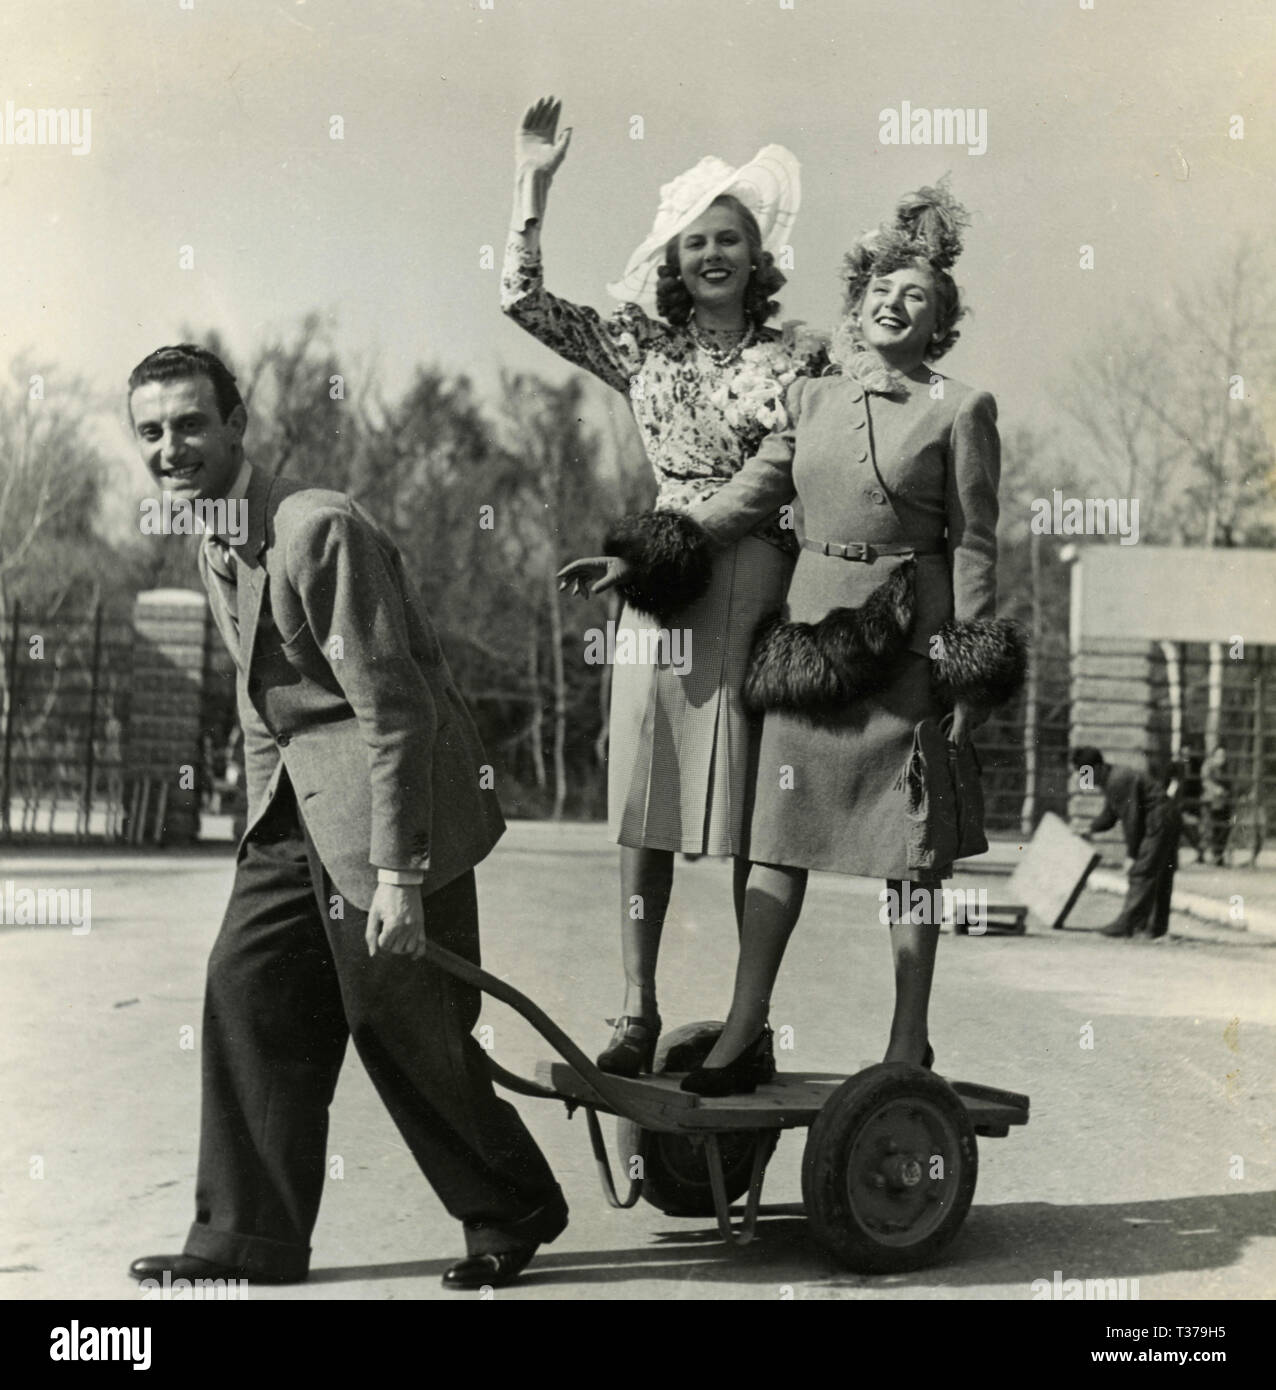 Italian actors Nunzio Filogamo, Marino, and Ruby Dalma during the movie 'C'è sempre un ma', Tirrenia, Italy 1942 - Stock Image